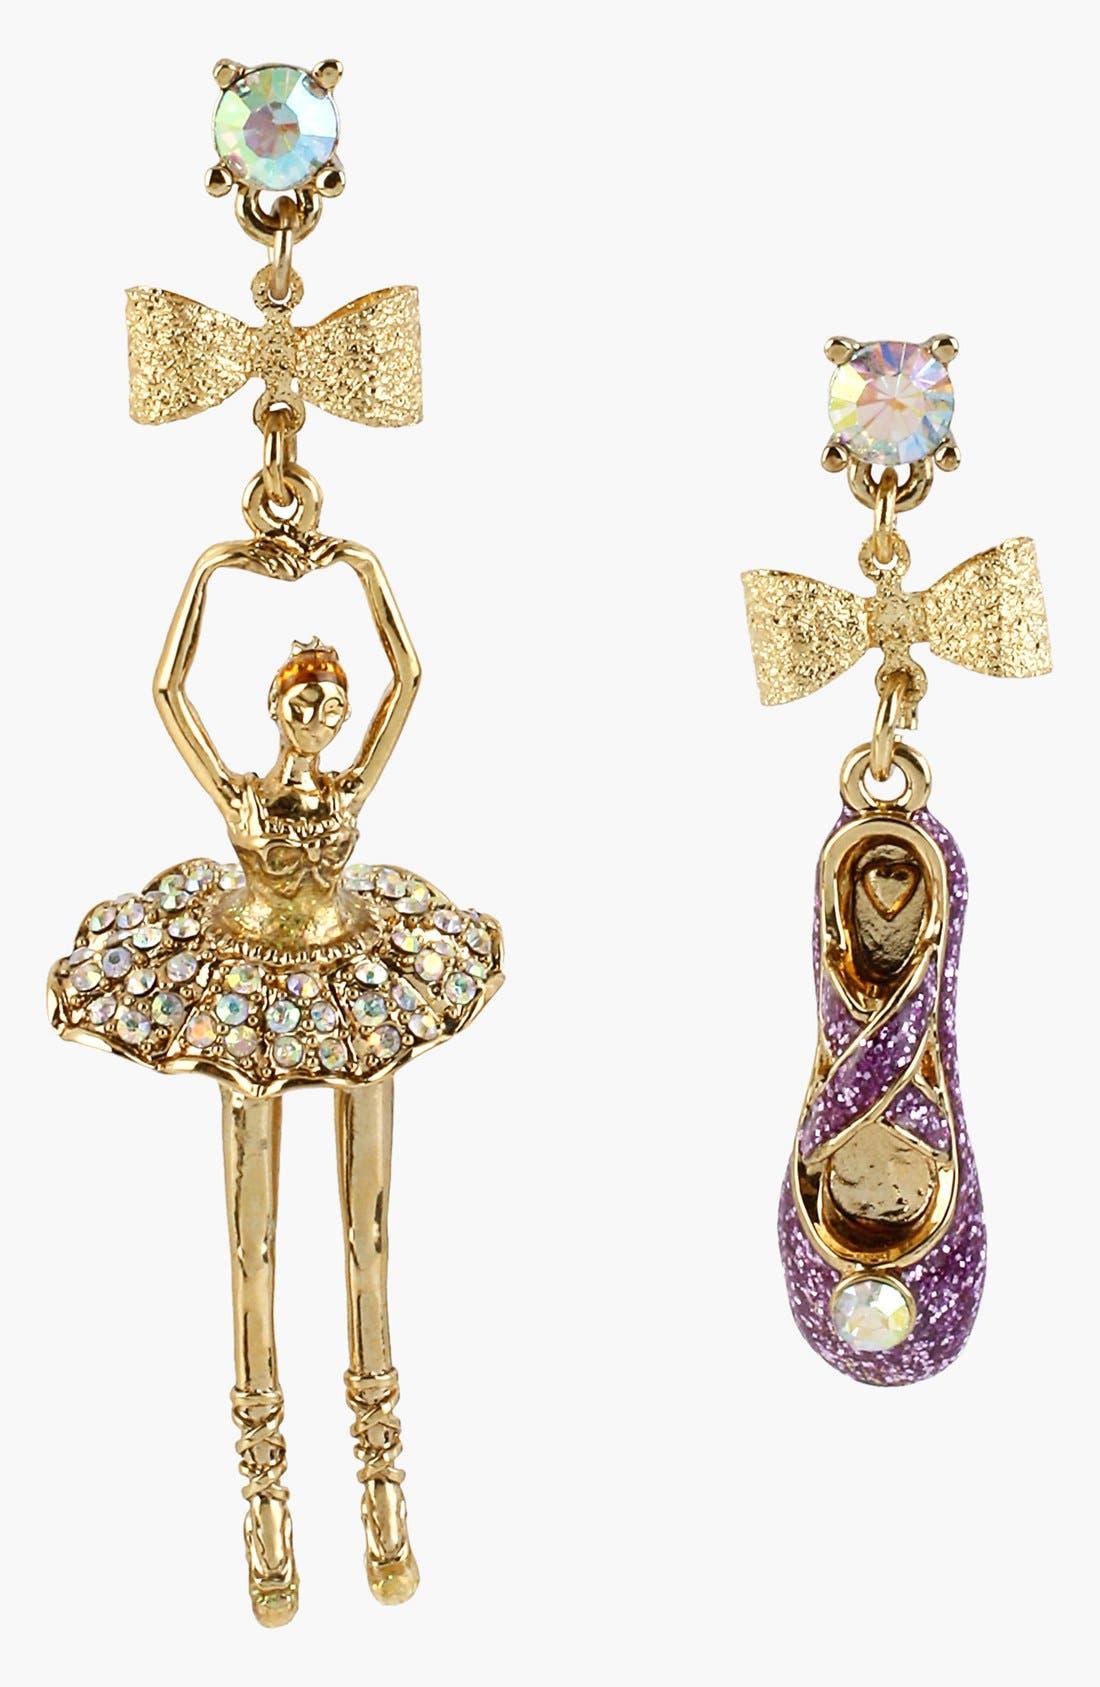 Alternate Image 1 Selected - Betsey Johnson 'Terrific Tutus' Ballerina & Slipper Earrings